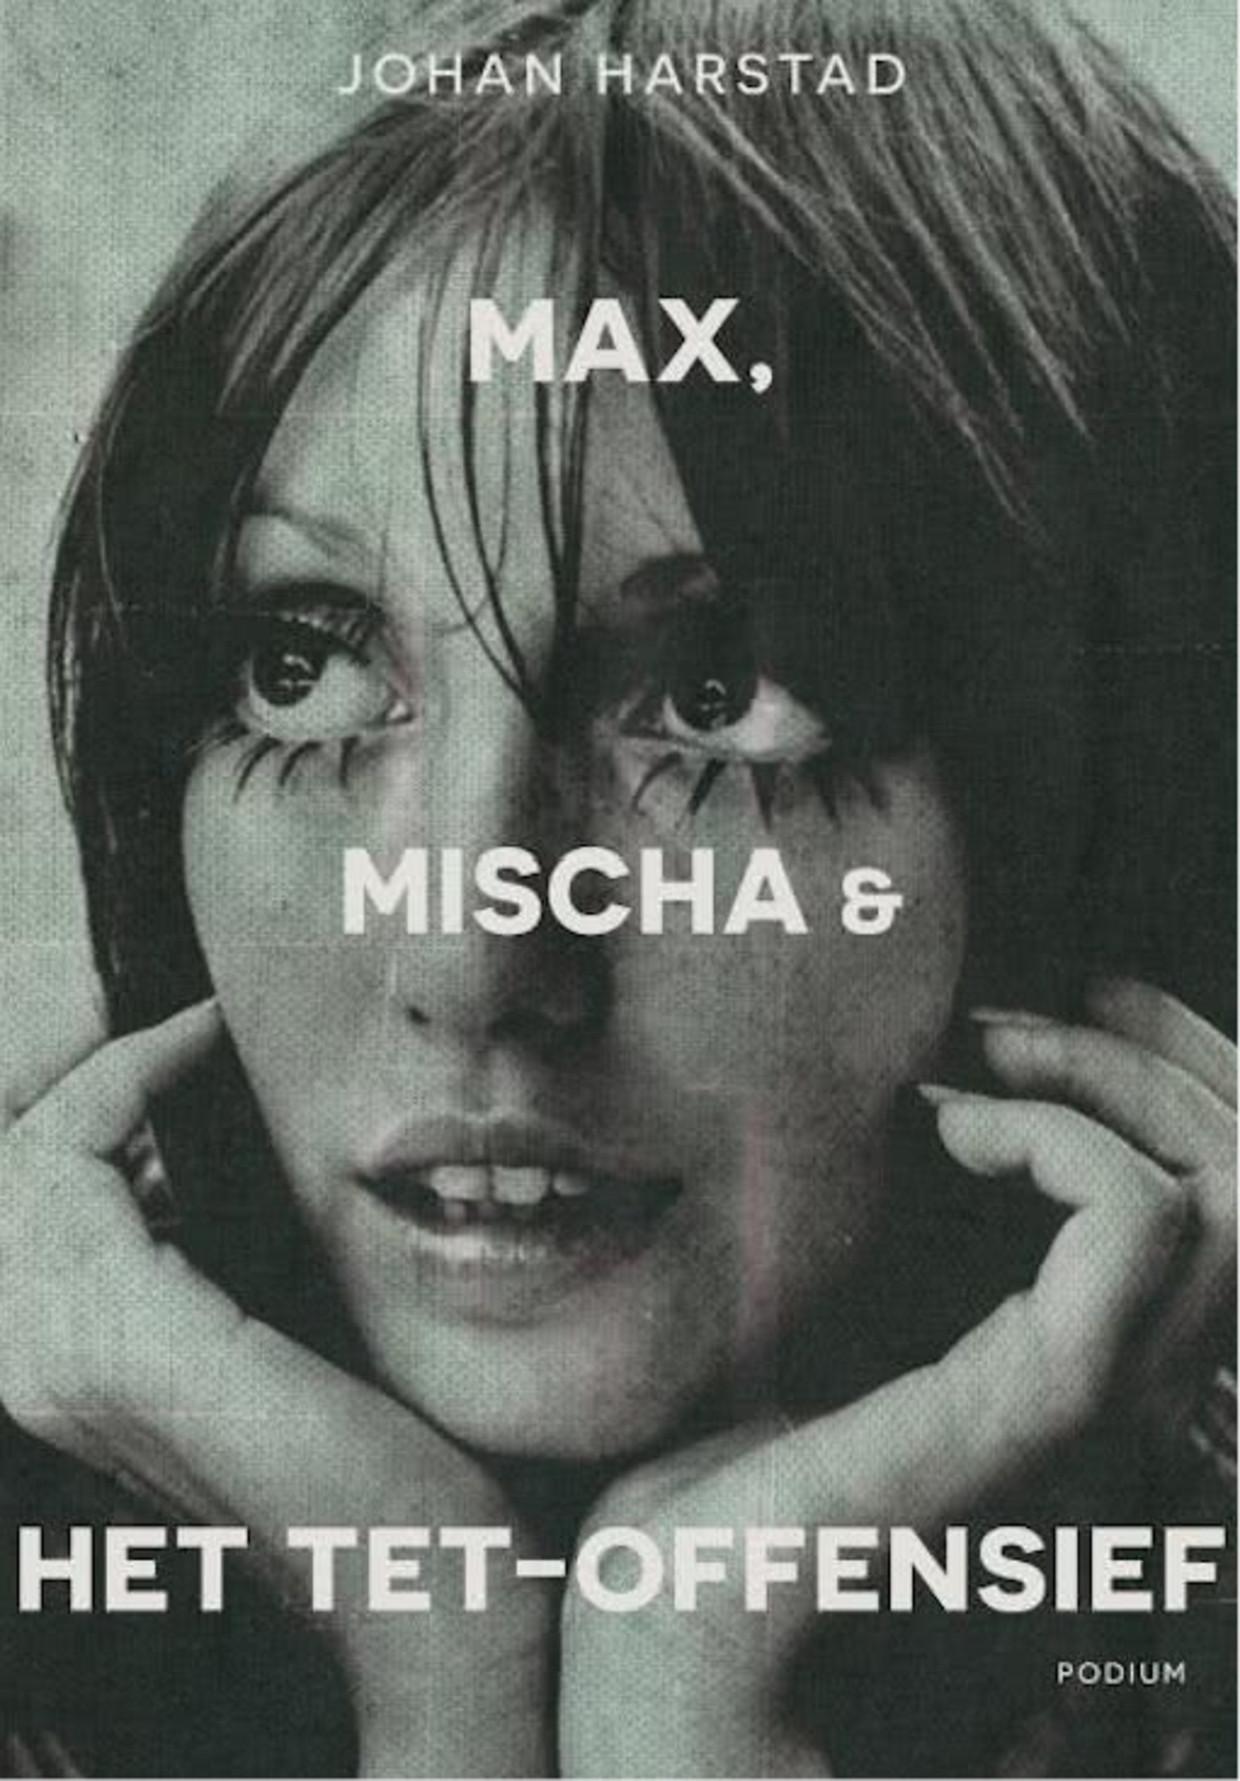 Max, Mischa & Het Tetoffensief